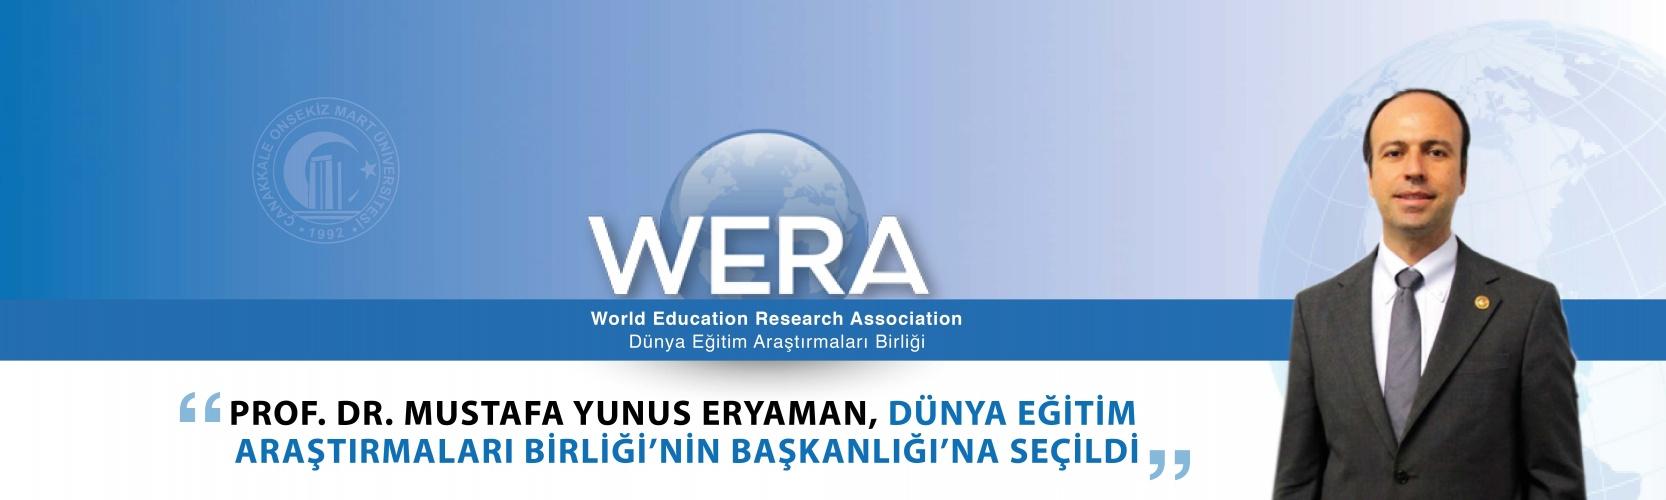 Prof. Dr. Mustafa Yunus Eryaman, Dünya Eğitim Araştırmaları Birliği'nin Başkanlığı'na Seçildi